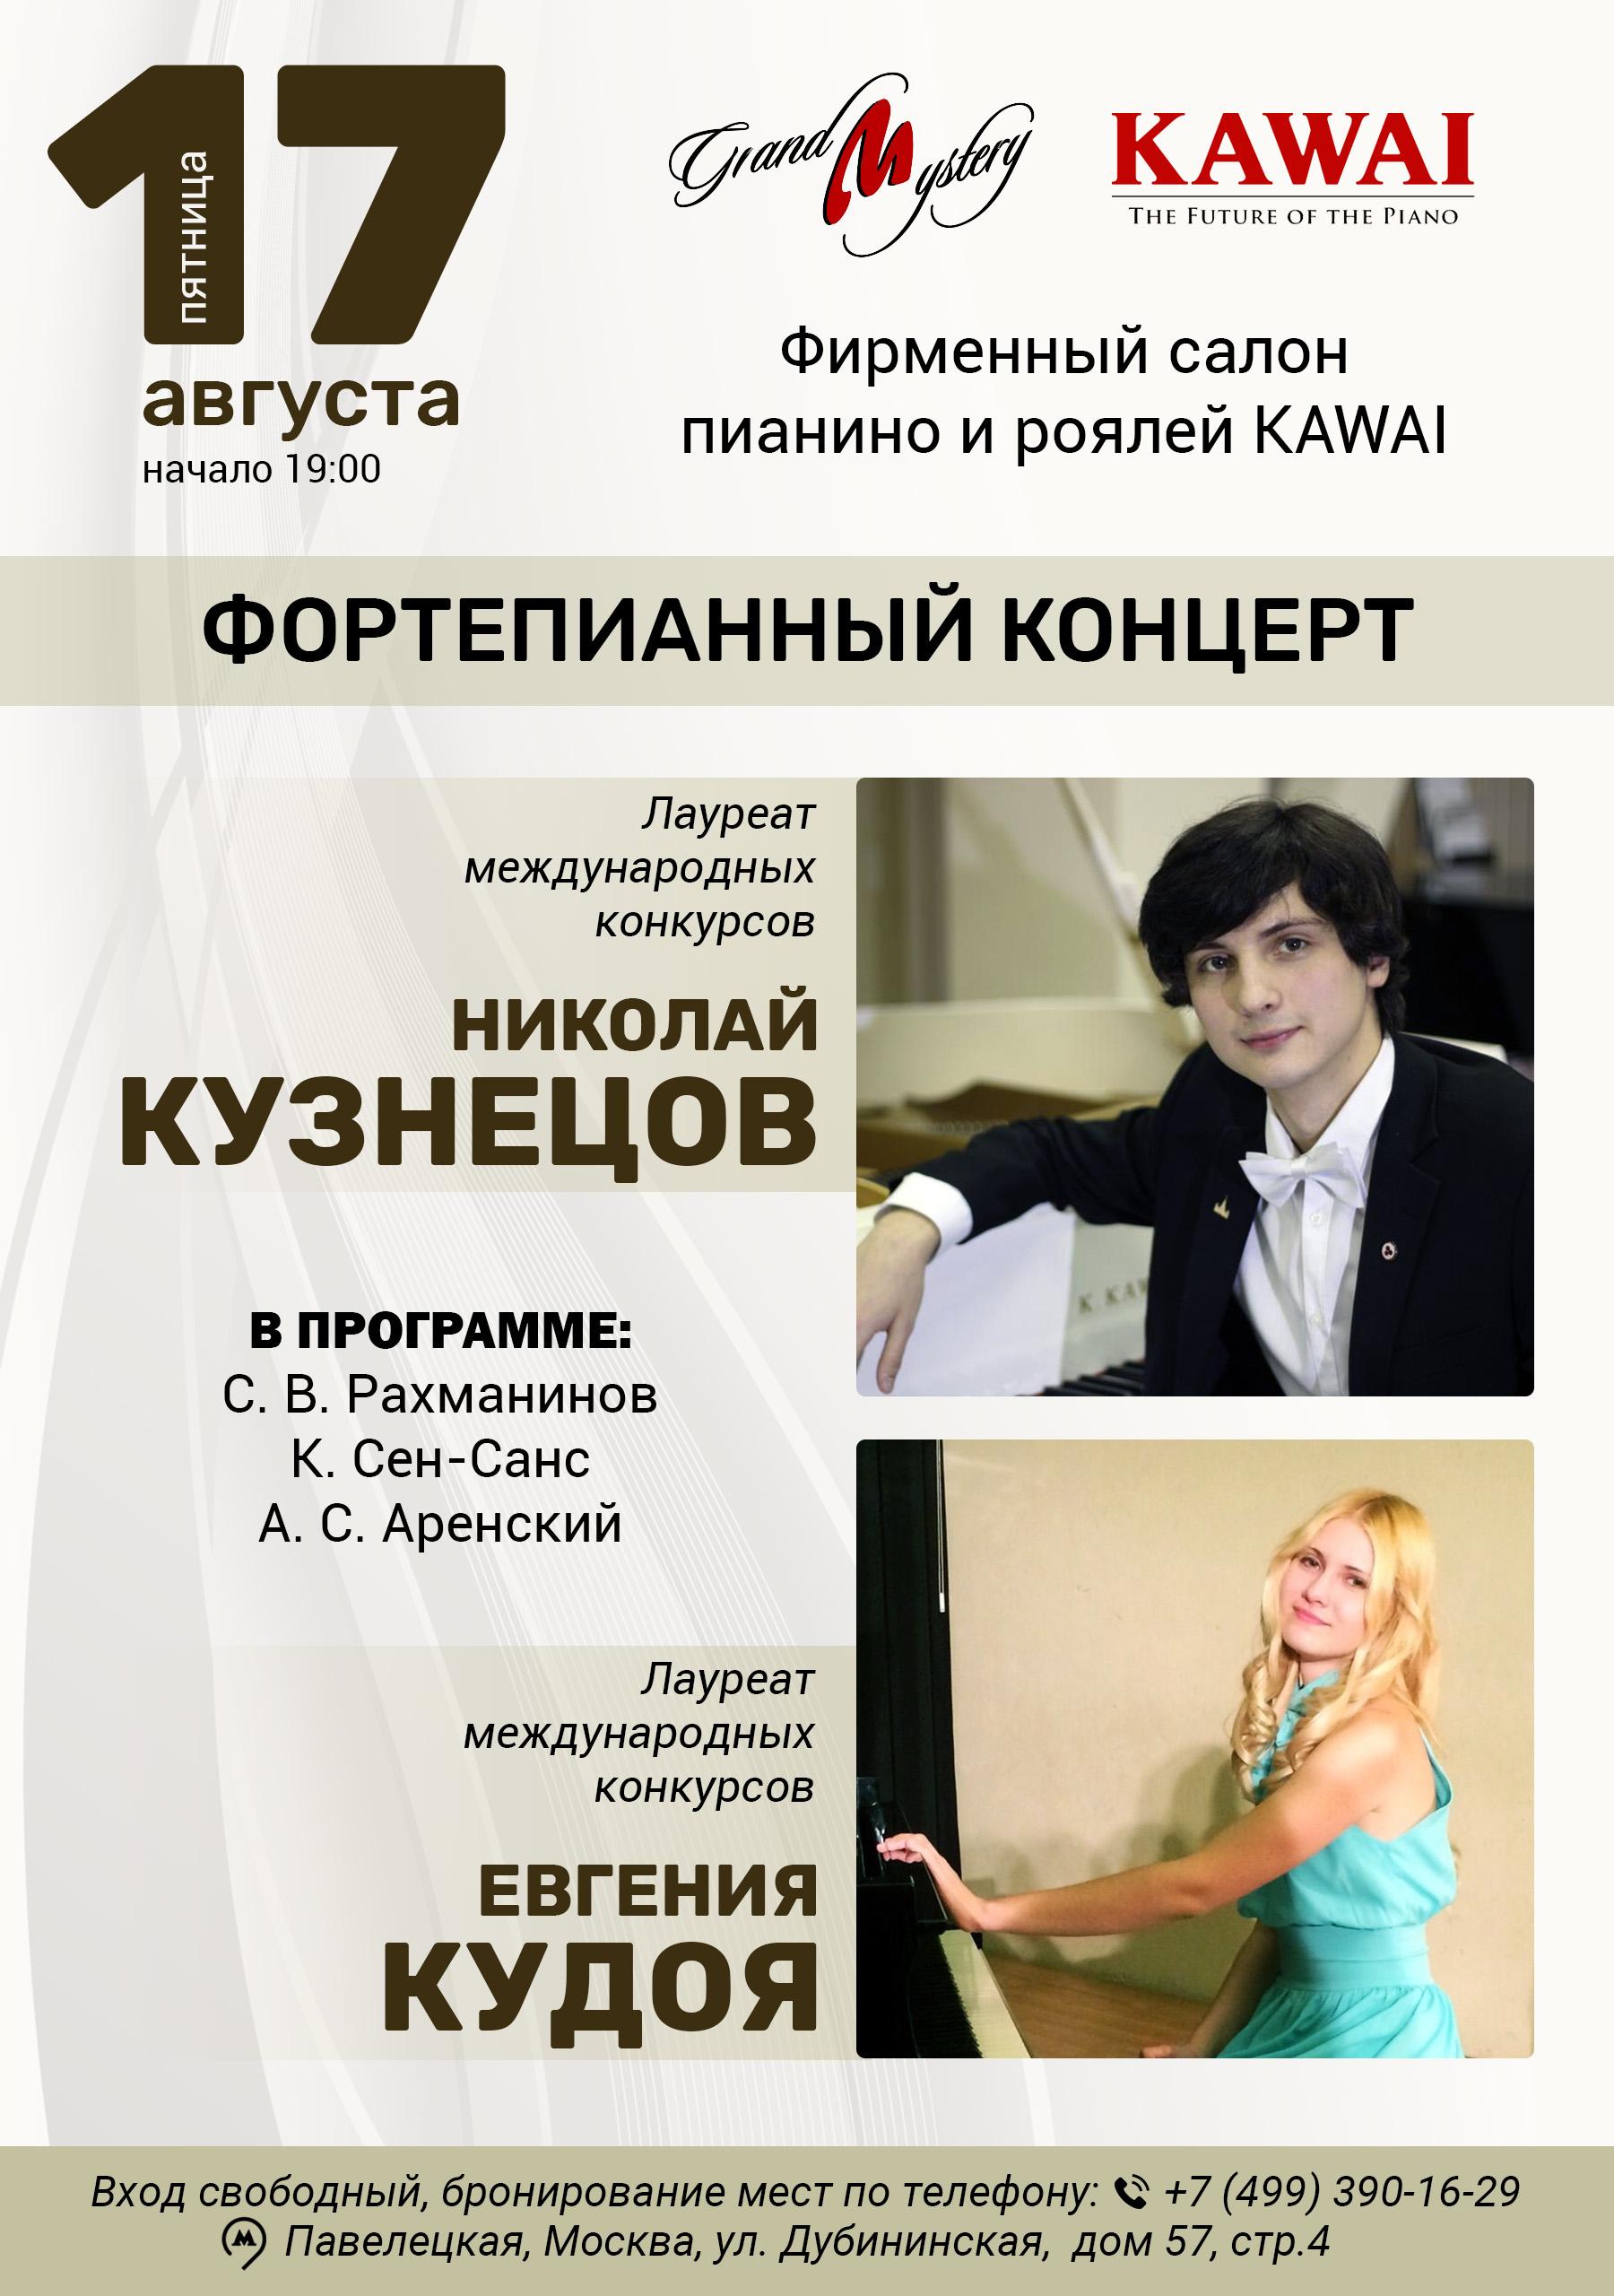 Концерт Николая Кузнецова и Евгении Кудоя